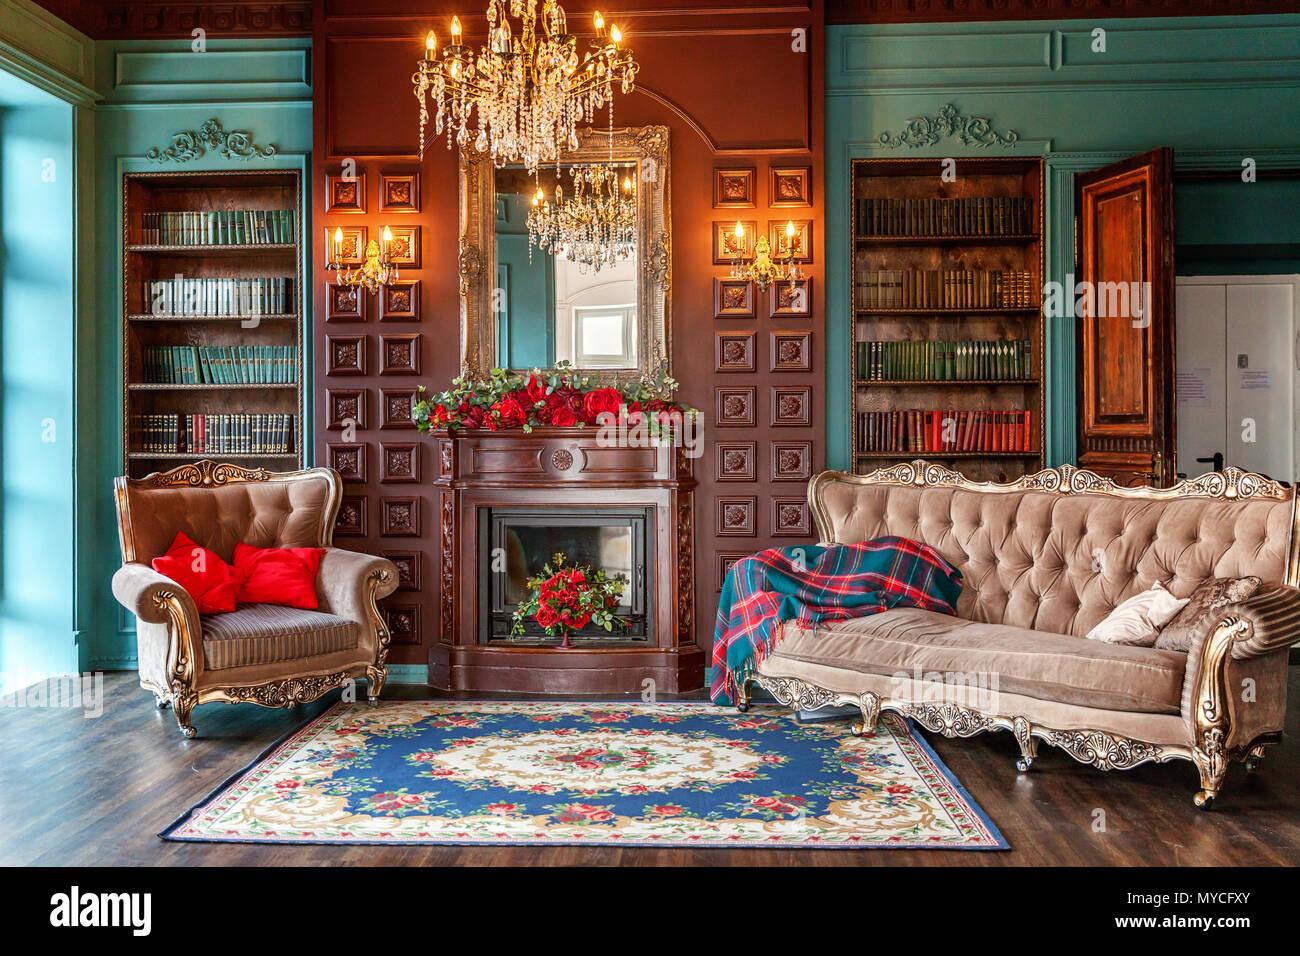 Luxus klassisches Interieur home Bibliothek. Wohnzimmer mit ...